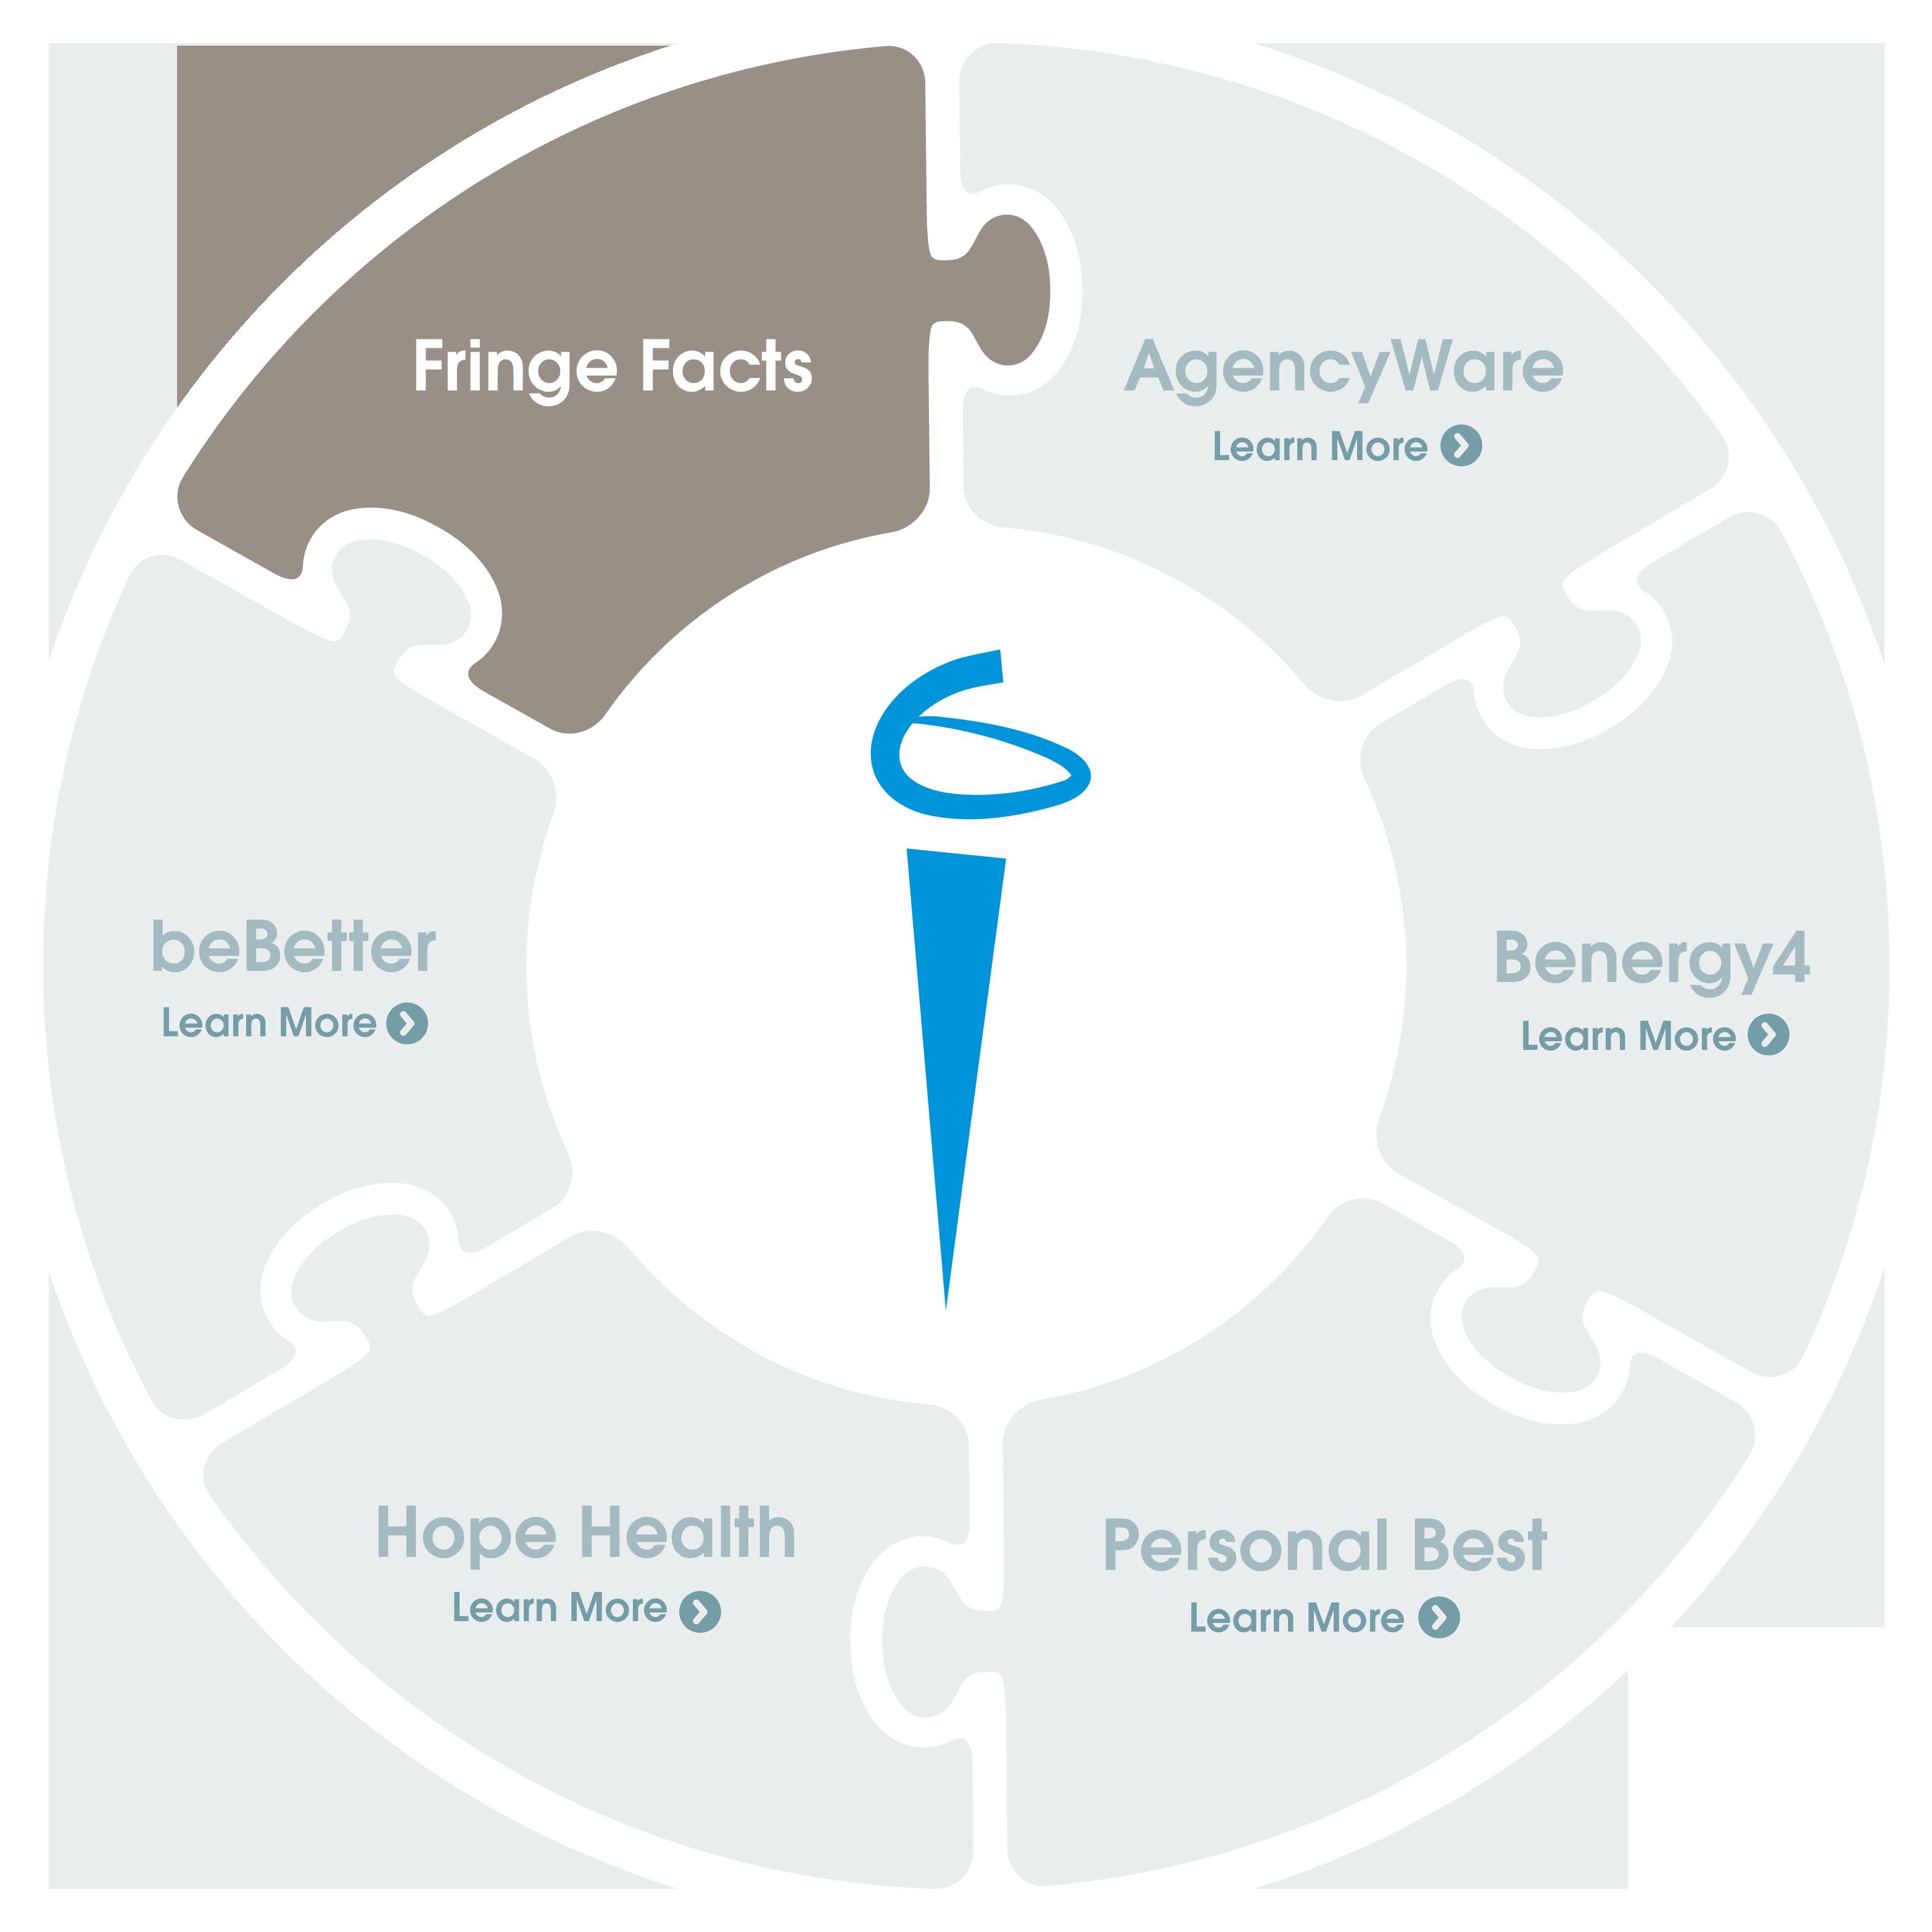 Fringe Facts